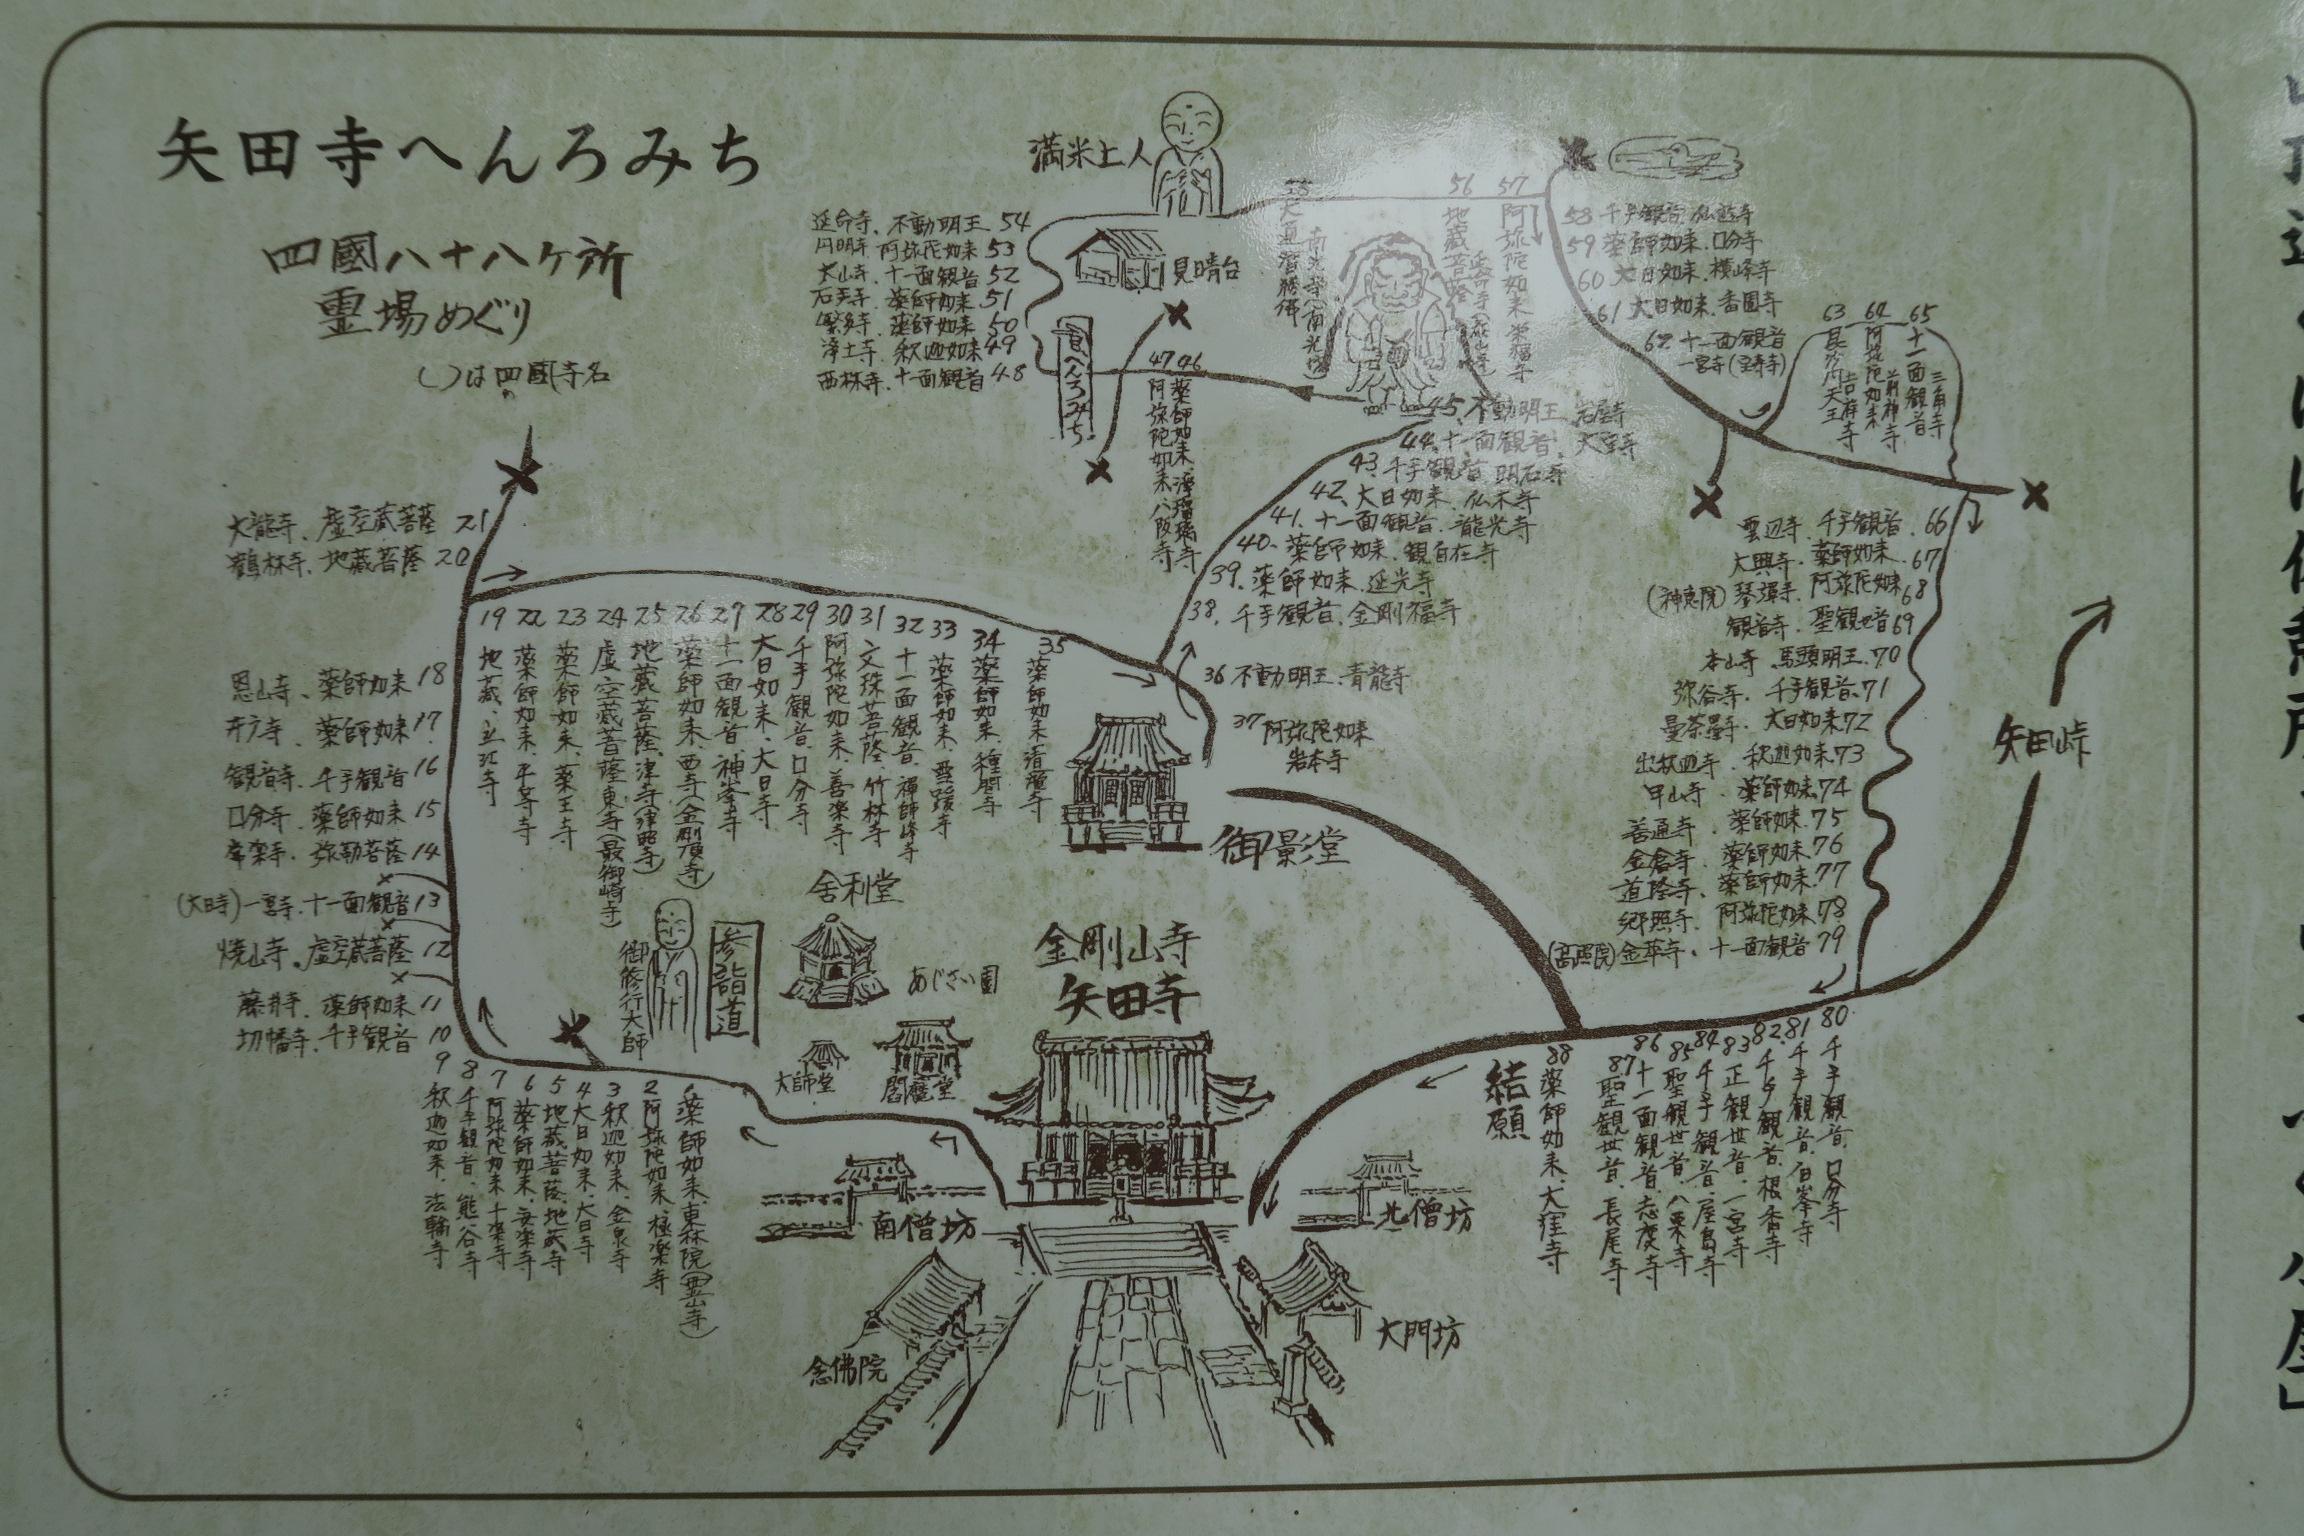 入口には簡単な地図があります。心配な方は、スマホで写メを撮っておくと良いかもしれません。